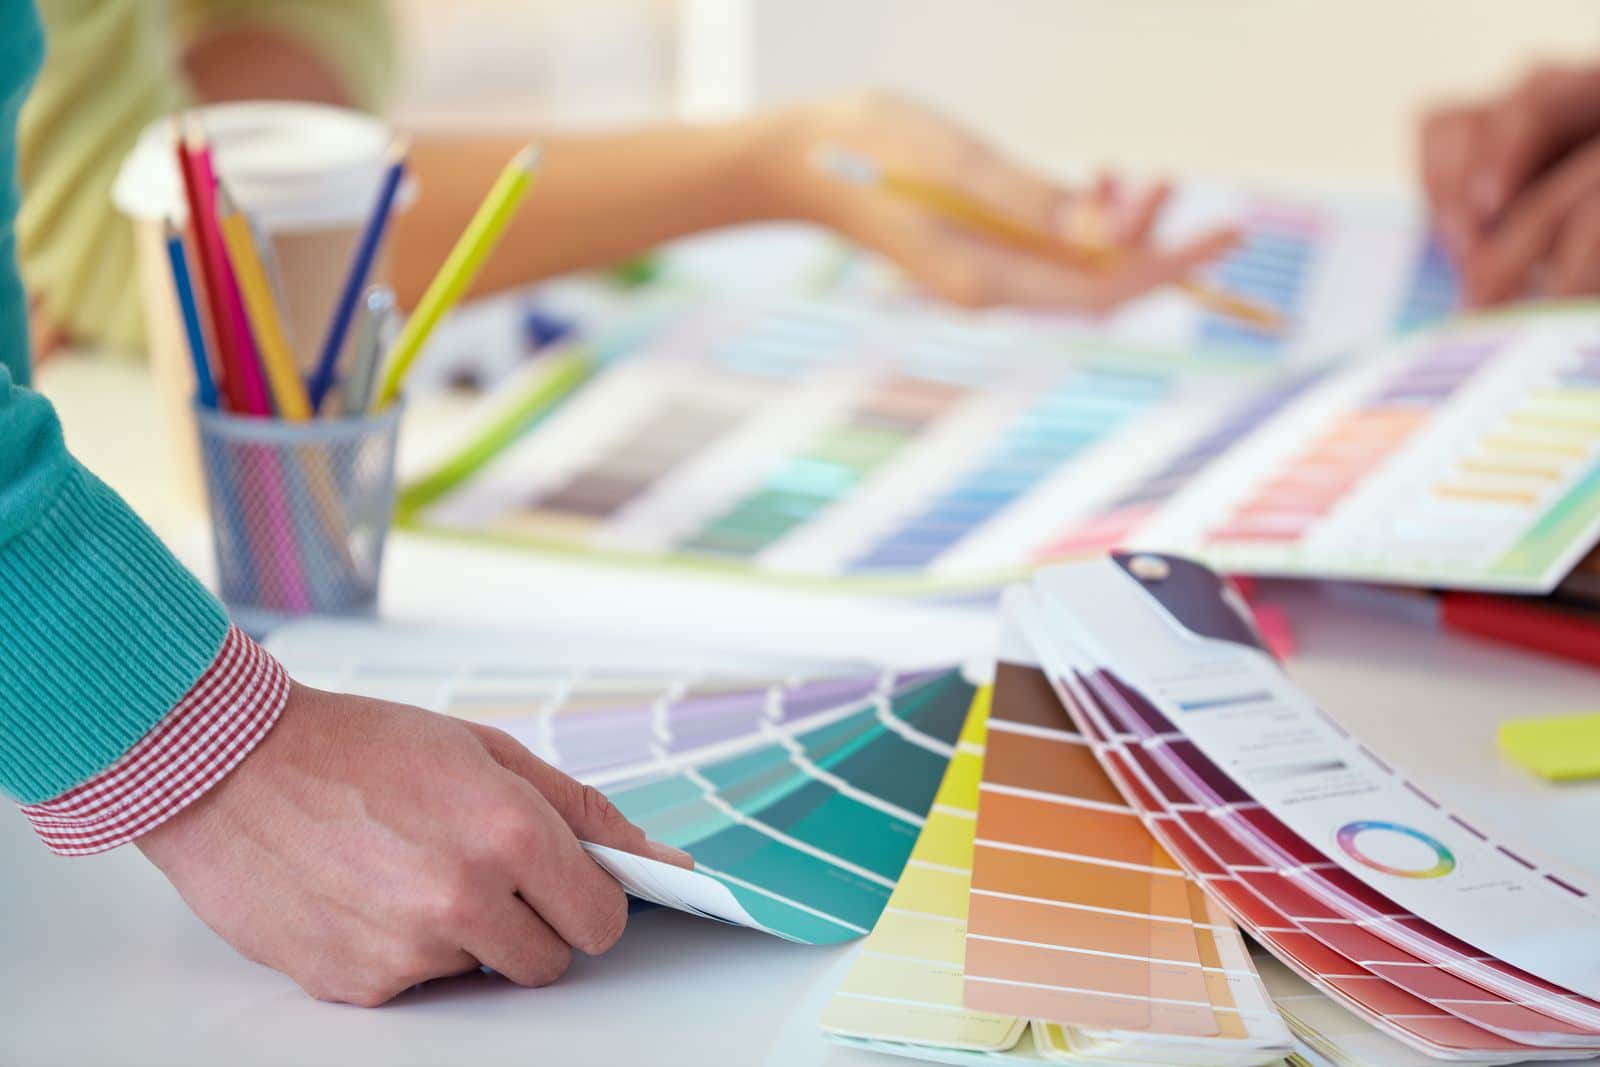 People choosing colors